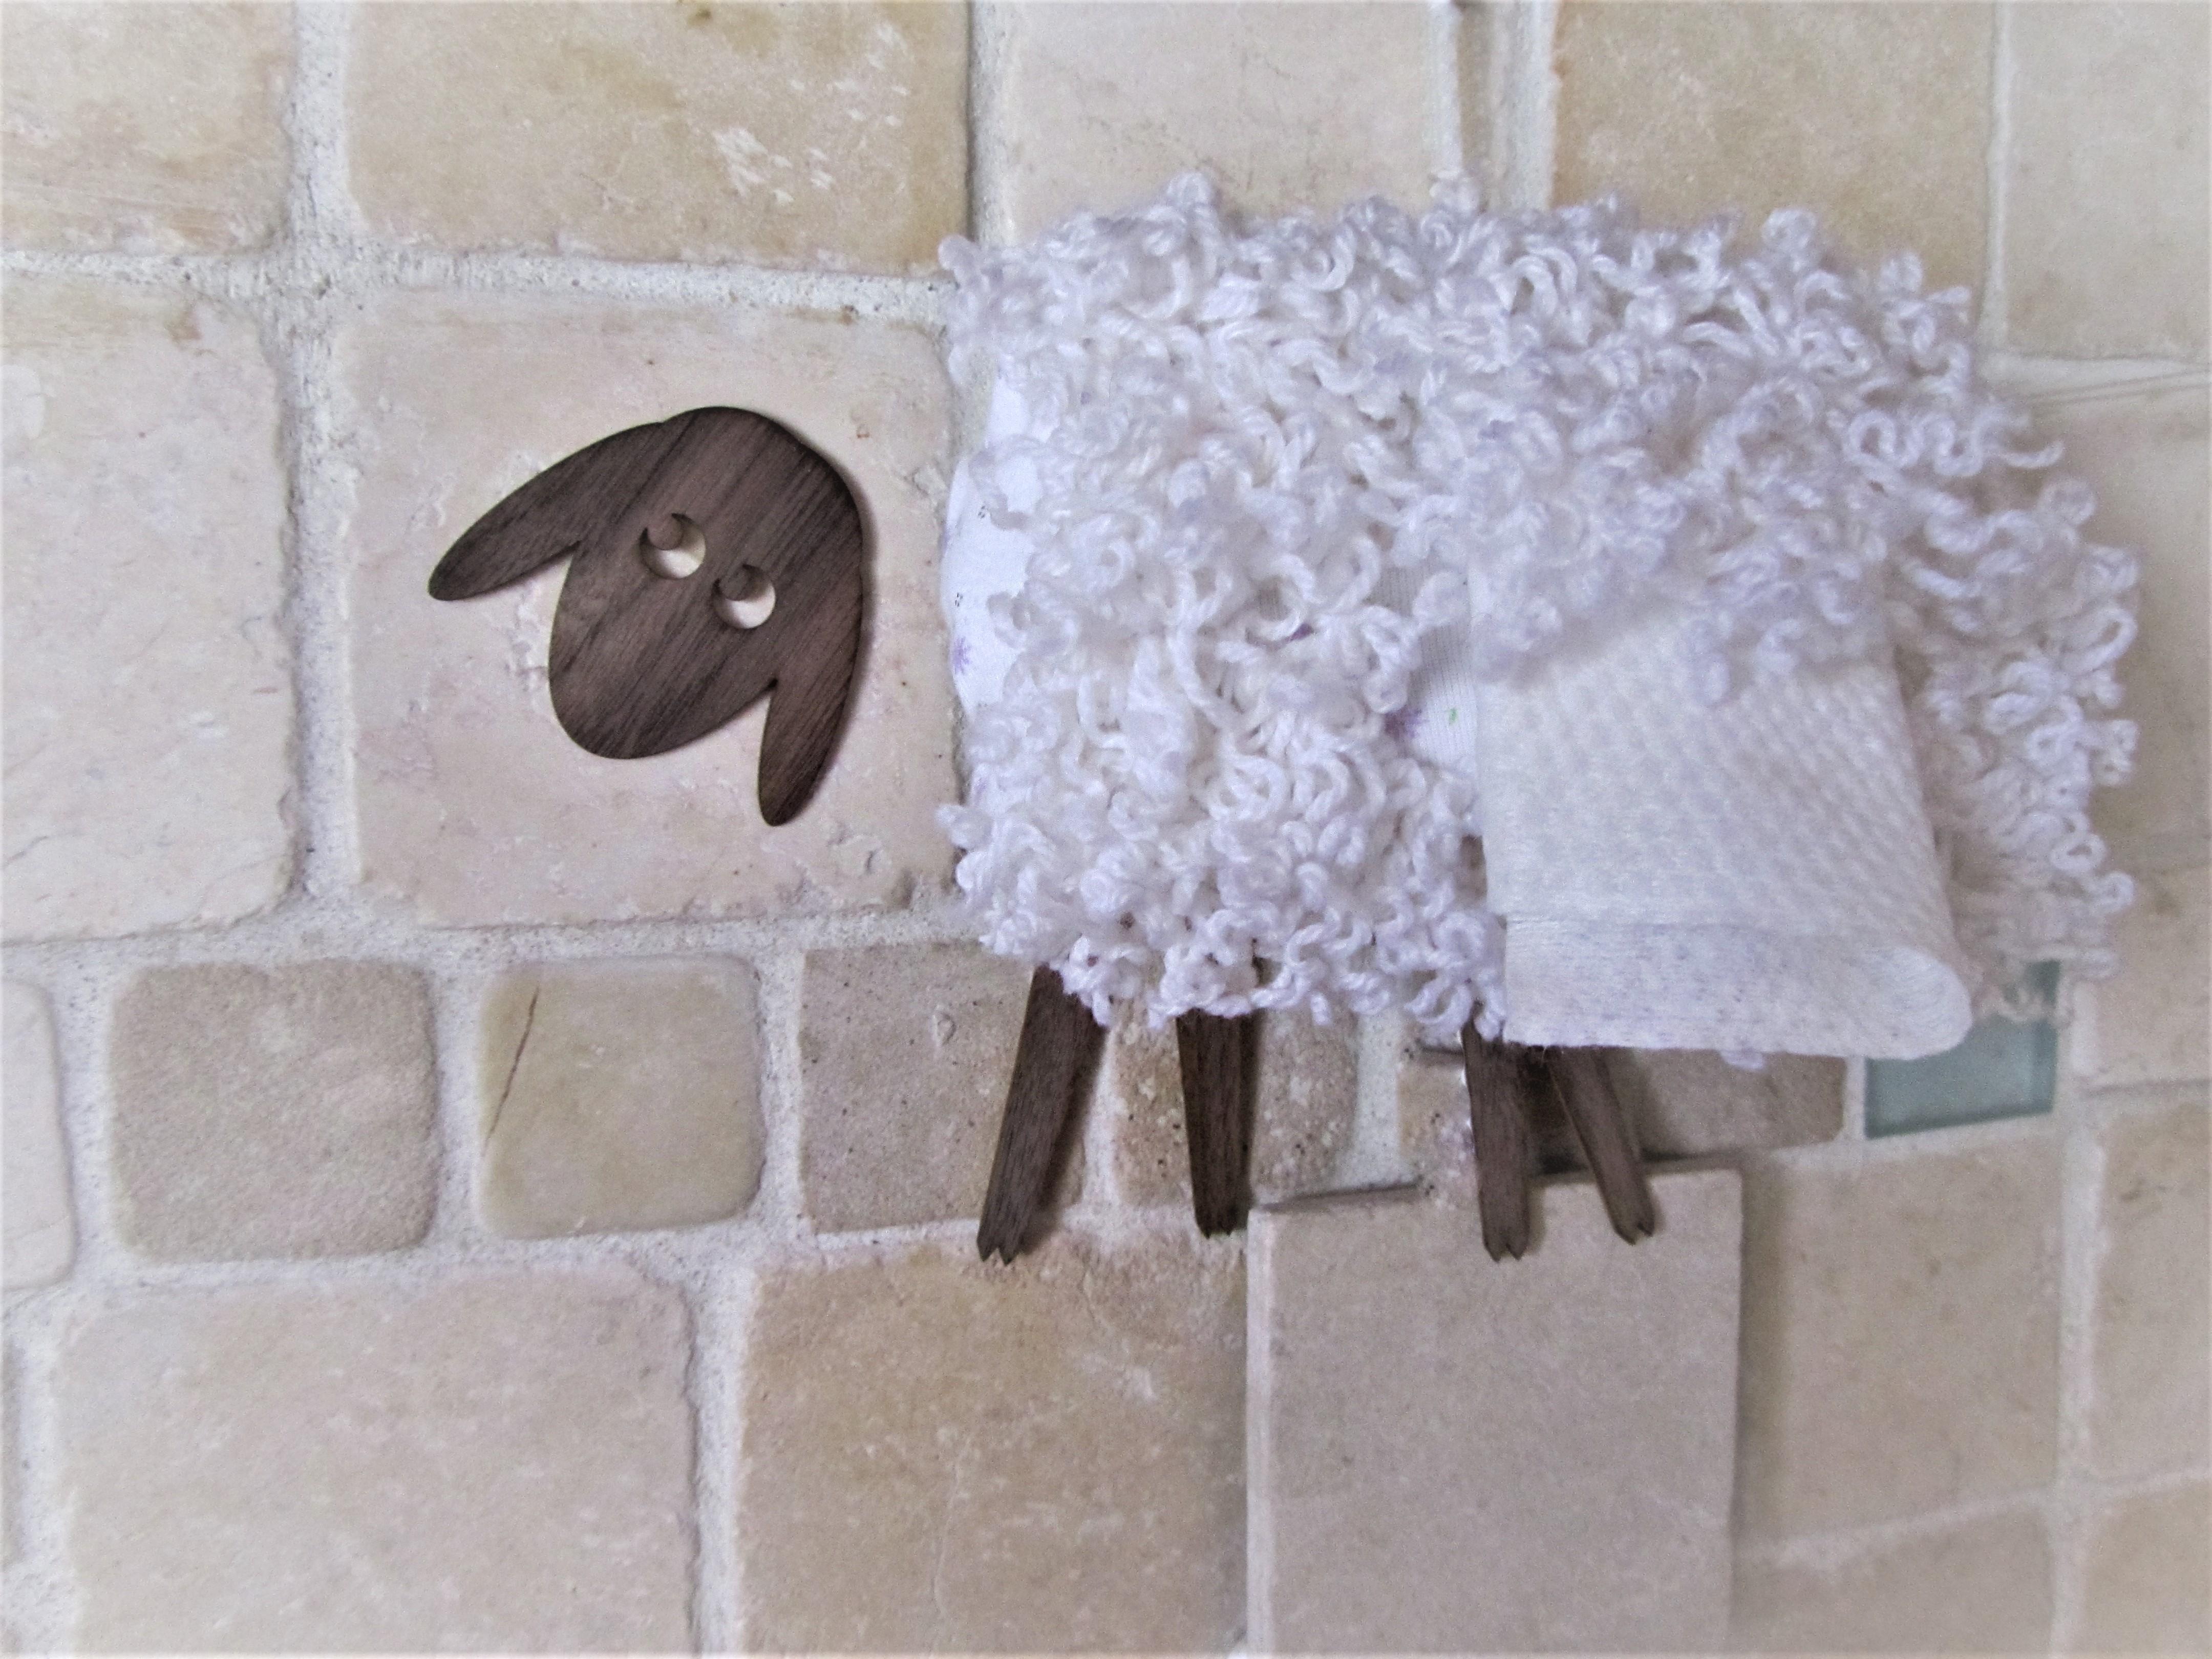 כבשה - מחזיק למגבונים